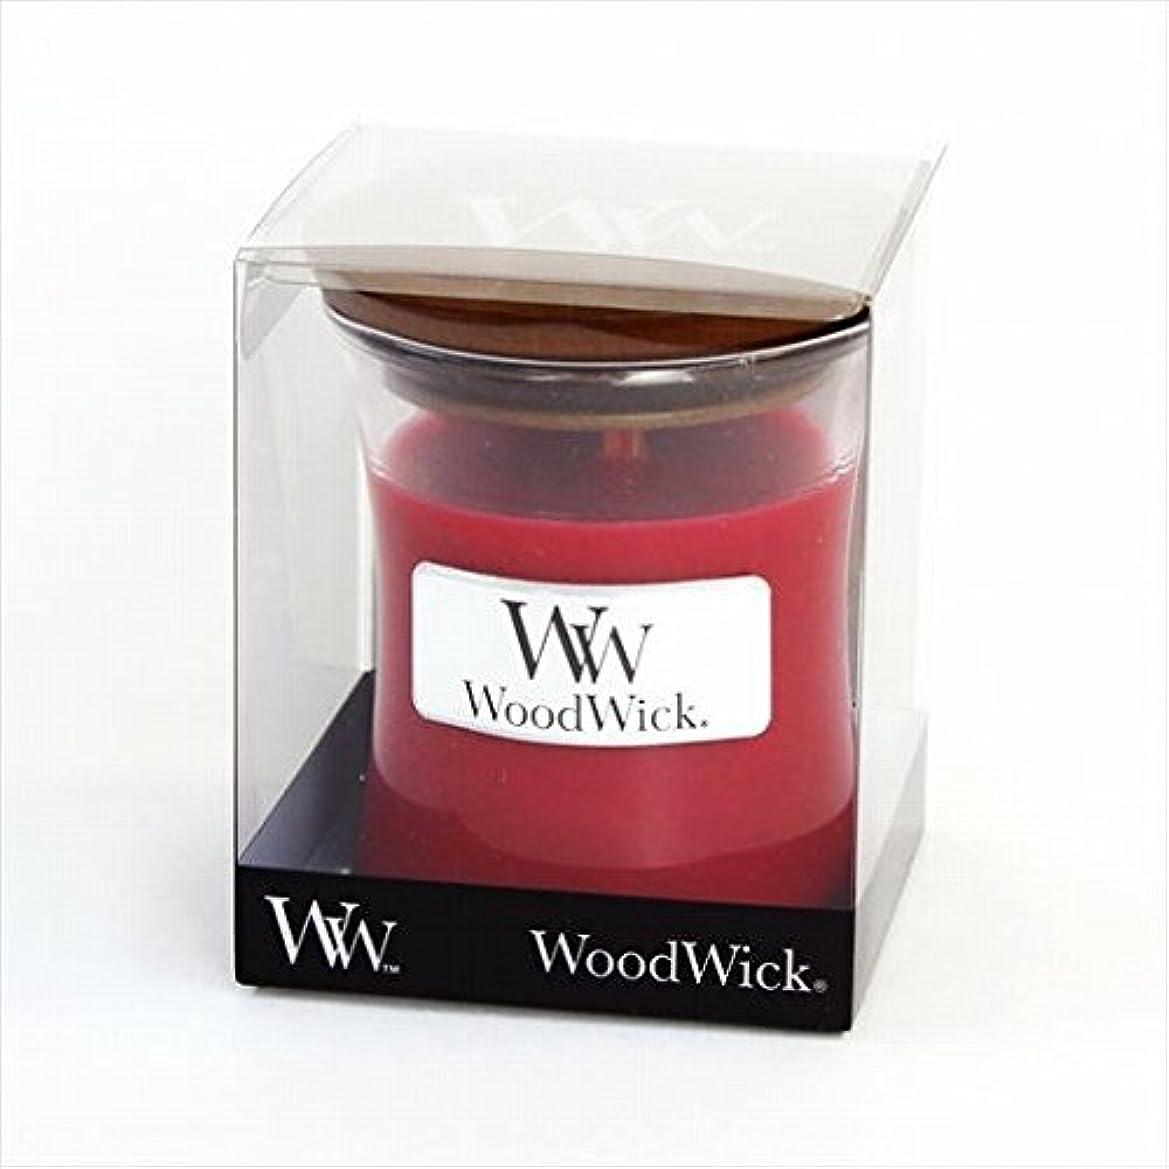 土地リッチ一過性カメヤマキャンドル( kameyama candle ) Wood Wick ジャーS 「 カラント 」